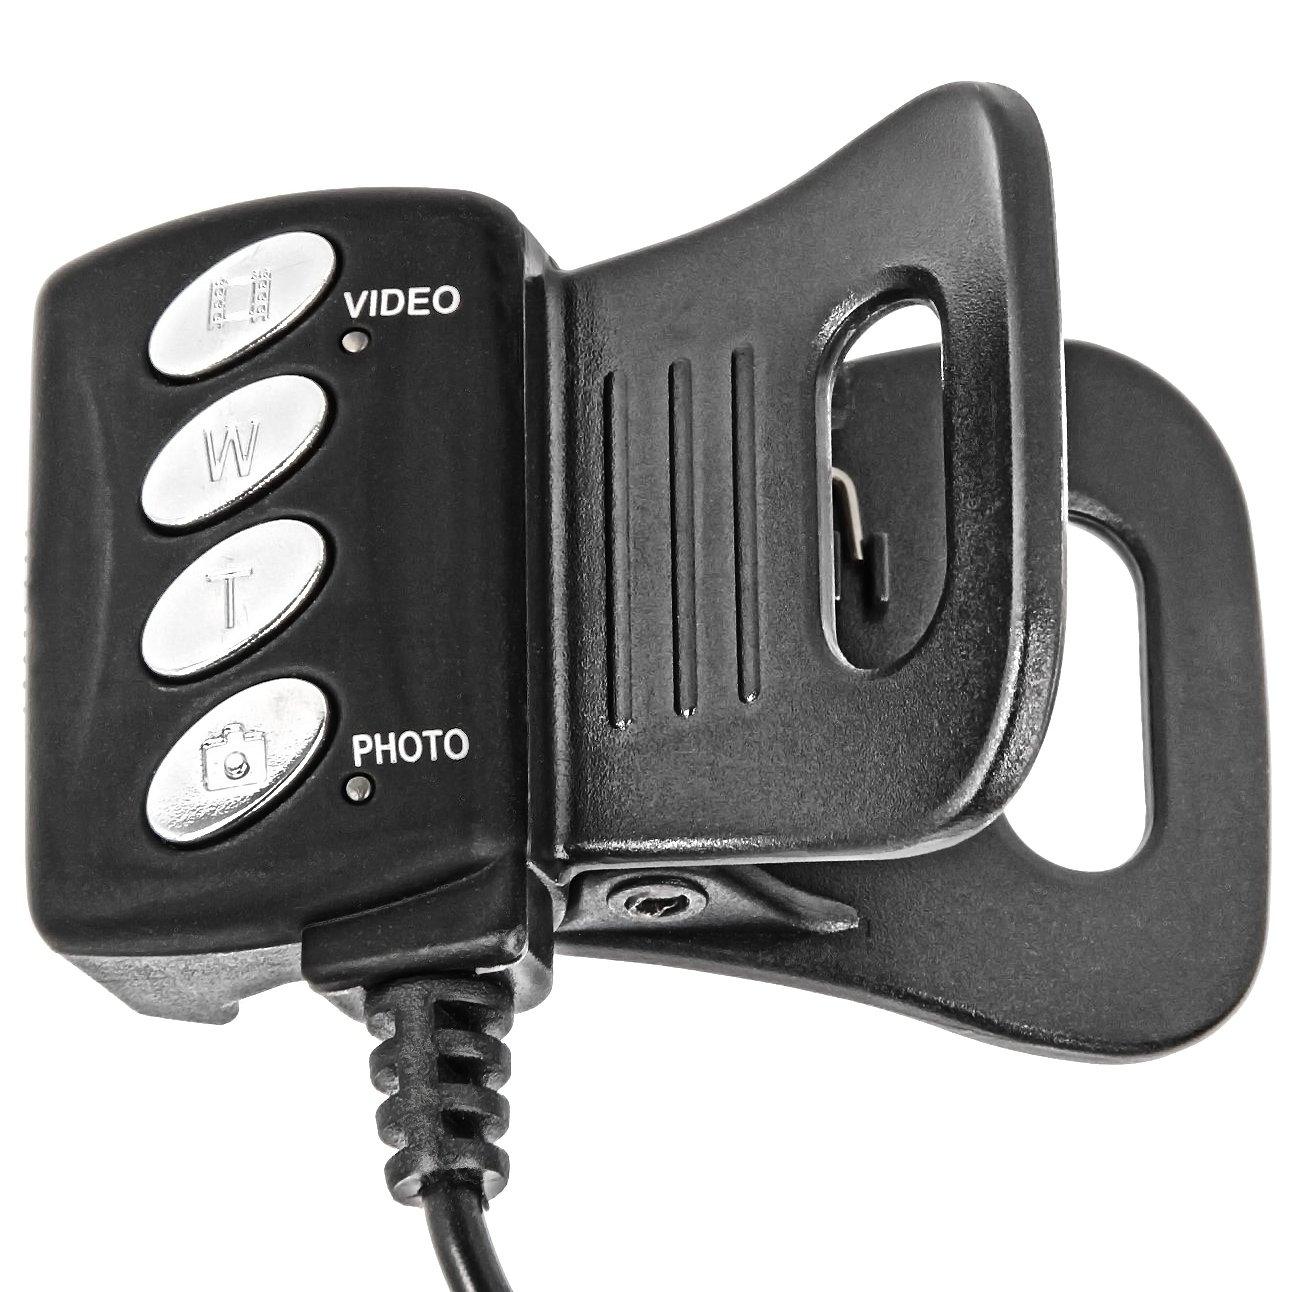 Ví deo de Control Remoto para videocá maras Sony con conexió n a/v Impulsfoto